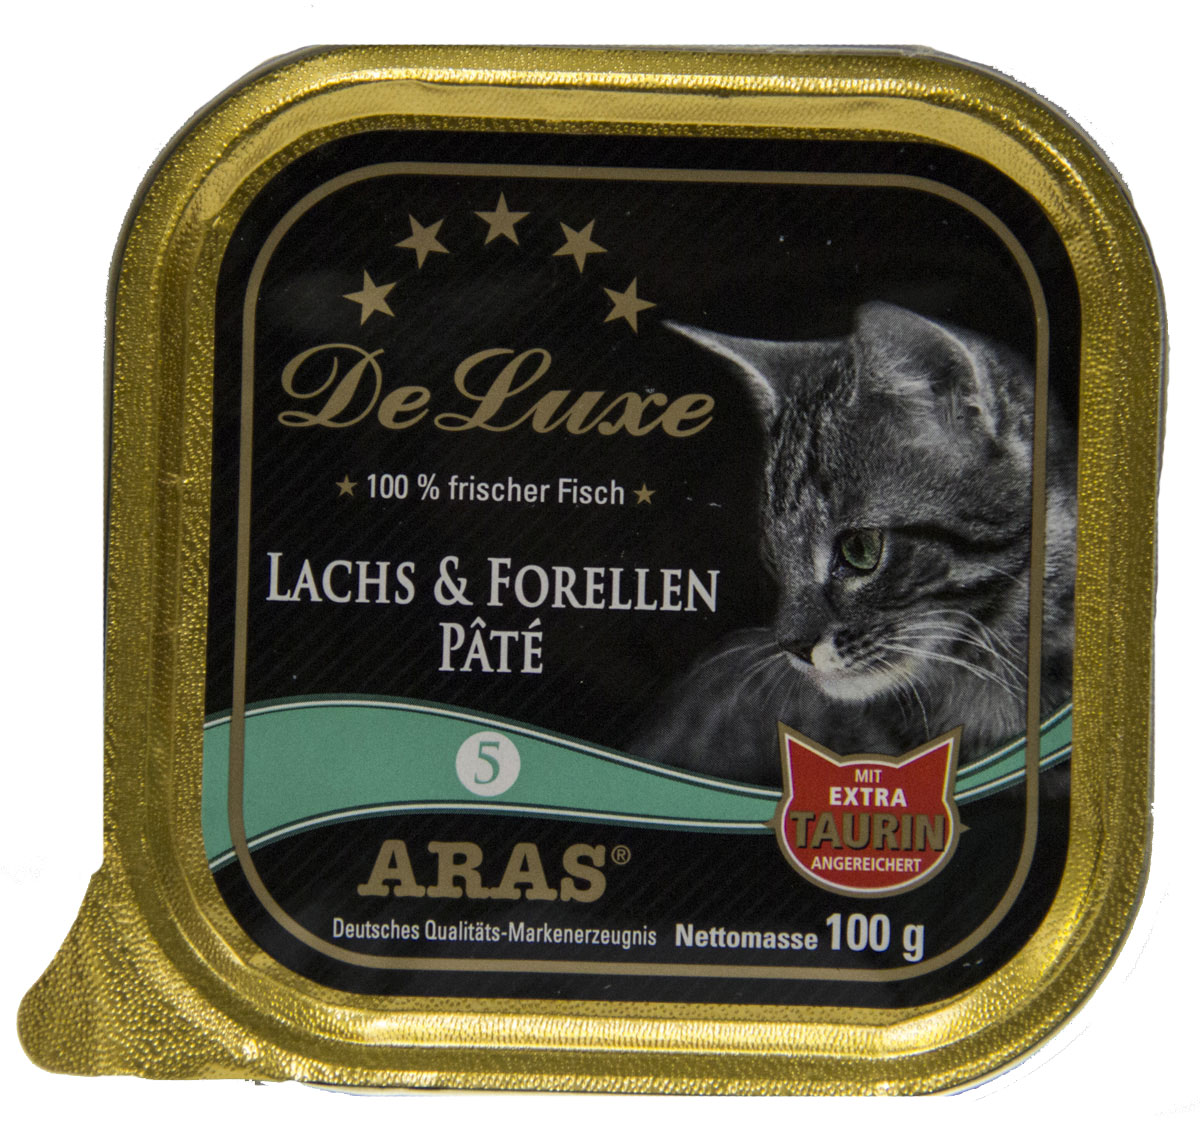 Консервы для кошек Aras Premium DeLuxe, паштет с семгой и форелью, 100 г0120710Консервы для кошек Aras Premium DeLuxe - корм для самых привередливых кошек, сочетающий в себе высокое качество ингредиентов, жизненно важные питательные вещества, а также превосходный вкус. Корм произведен в Германии по специальной технологии, схожей с технологией Sous Vide, из продуктов, пригодных в пищу человека. При изготовлении сохраняются все натуральные витамины и минералы. Это достигается благодаря бережной обработке всех ингредиентов при температуре менее 80°С. Такая бережная обработка продуктов не стерилизует продуктовые компоненты. Благодаря этому корма не нуждаются ни в каких дополнительных вкусовых добавках и сохраняют все необходимые полезные вещества. Особенности корма Aras Premium DeLuxe: - изготовлен из 100% свежего мяса; - без химических красителей, усилителей вкуса, искусственных консервантов и химических добавок; - из 100% свежих ингредиентов: мясо, овощи и зерновые; - сохранение натуральных витаминов в процессе изготовления; - гарантия свежести; - с дополнительной порцией таурина. Состав: свежее мясо семги и форели 97,5%, минералы 2,5%, таурин 150 мг/кг. Пищевая ценность: белки 10,2%, жиры 5,3%, зола 2,4%, клетчатка 0,3%, влажность 79,9%.Товар сертифицирован.